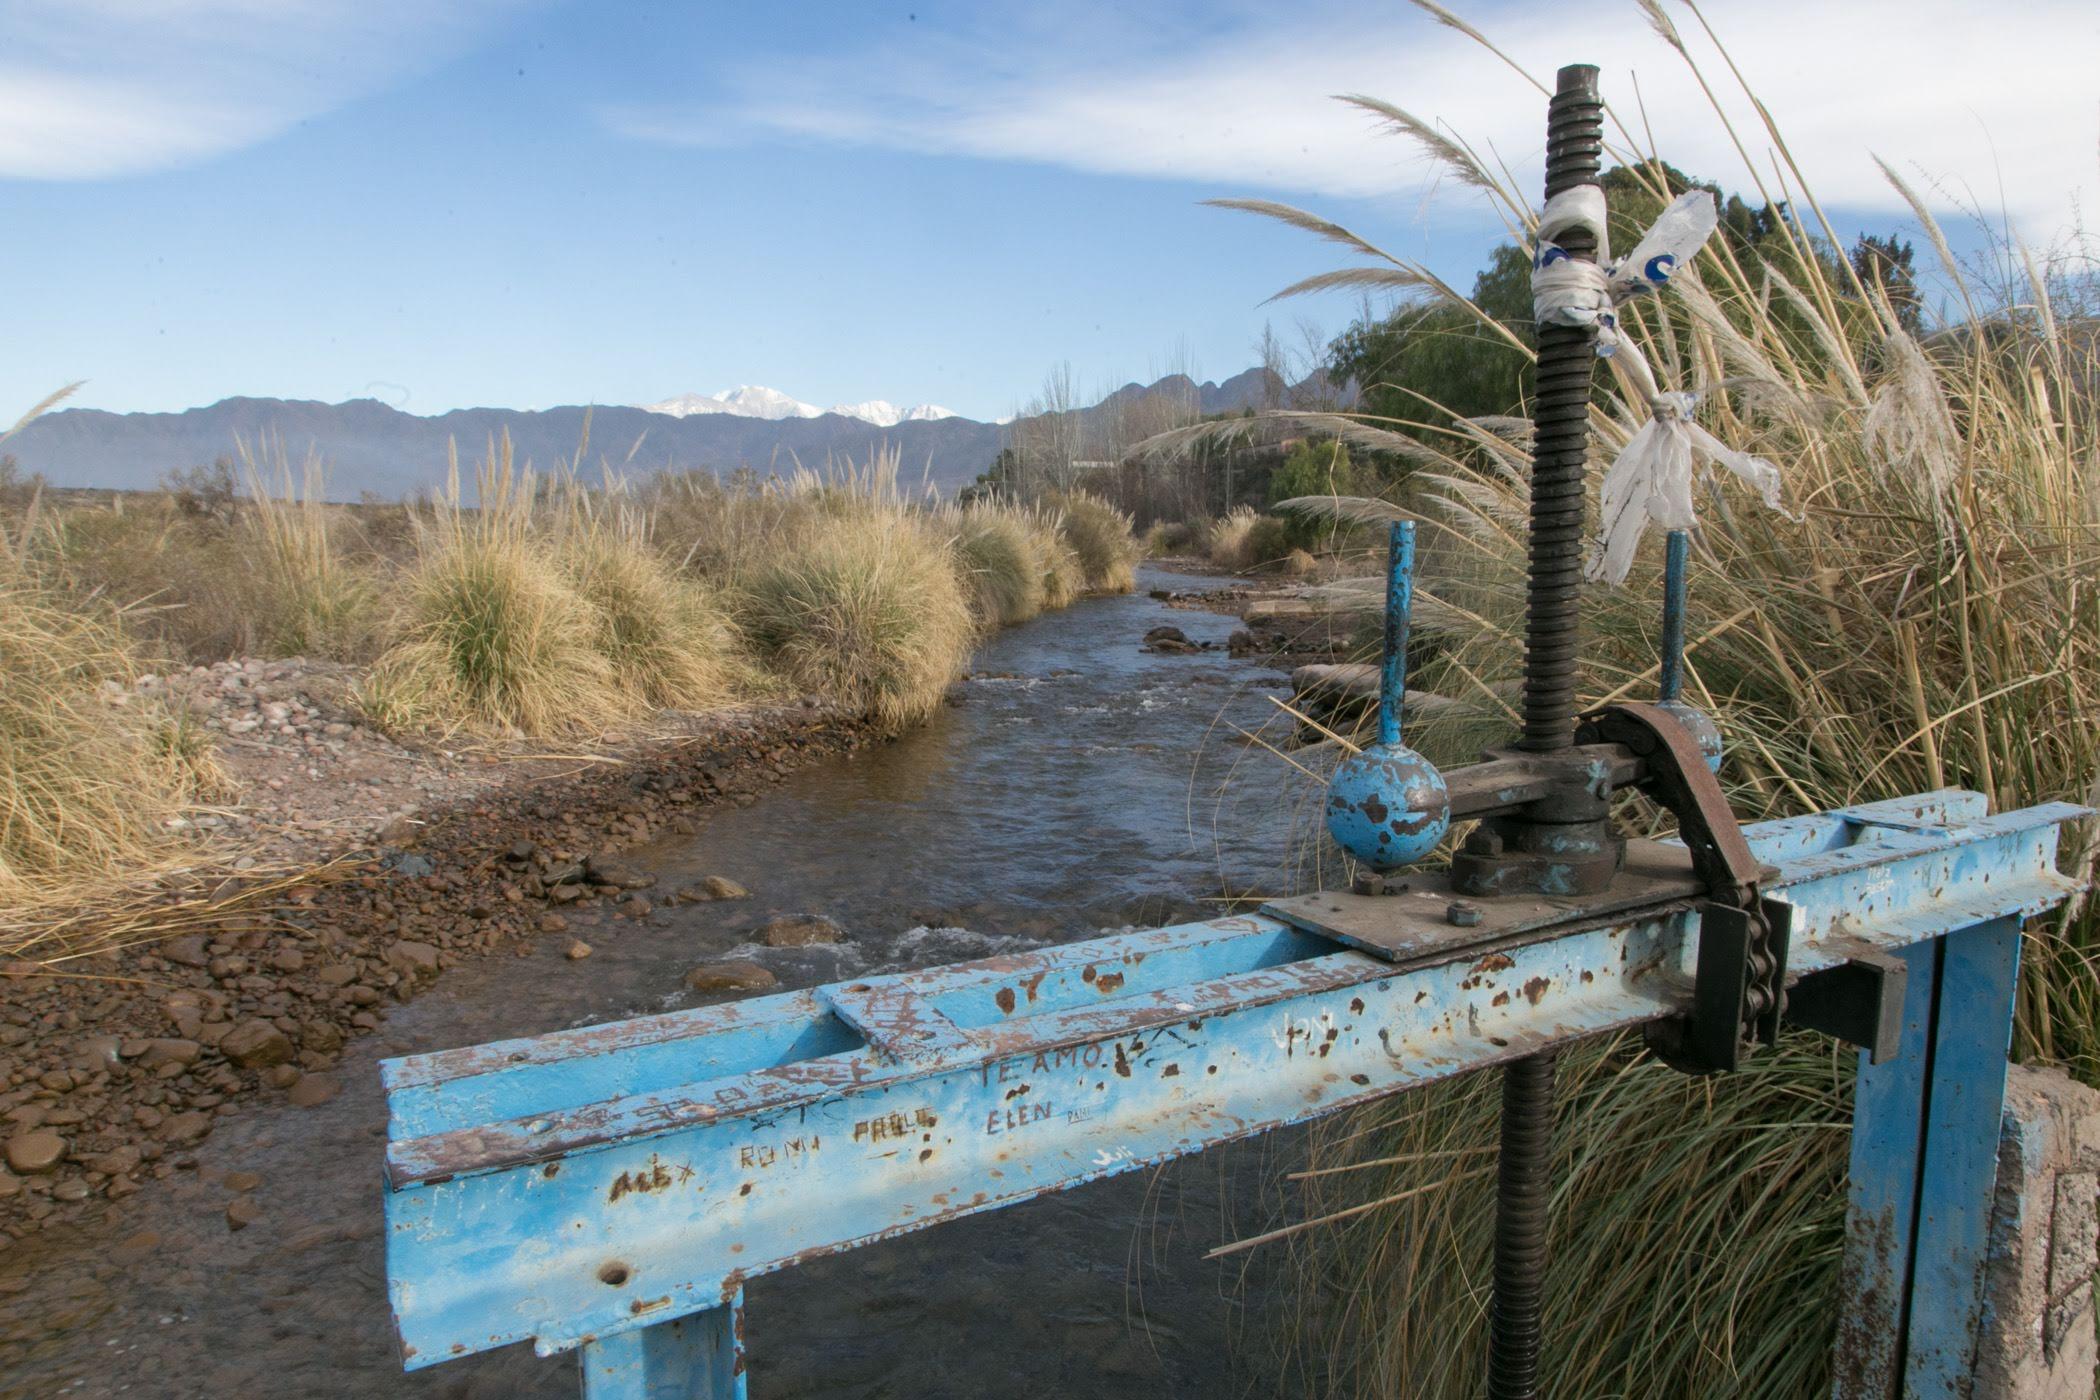 Irrigación llama a licitación pública internacional para ejecutar la modernización del sistema de riego Luján Oeste